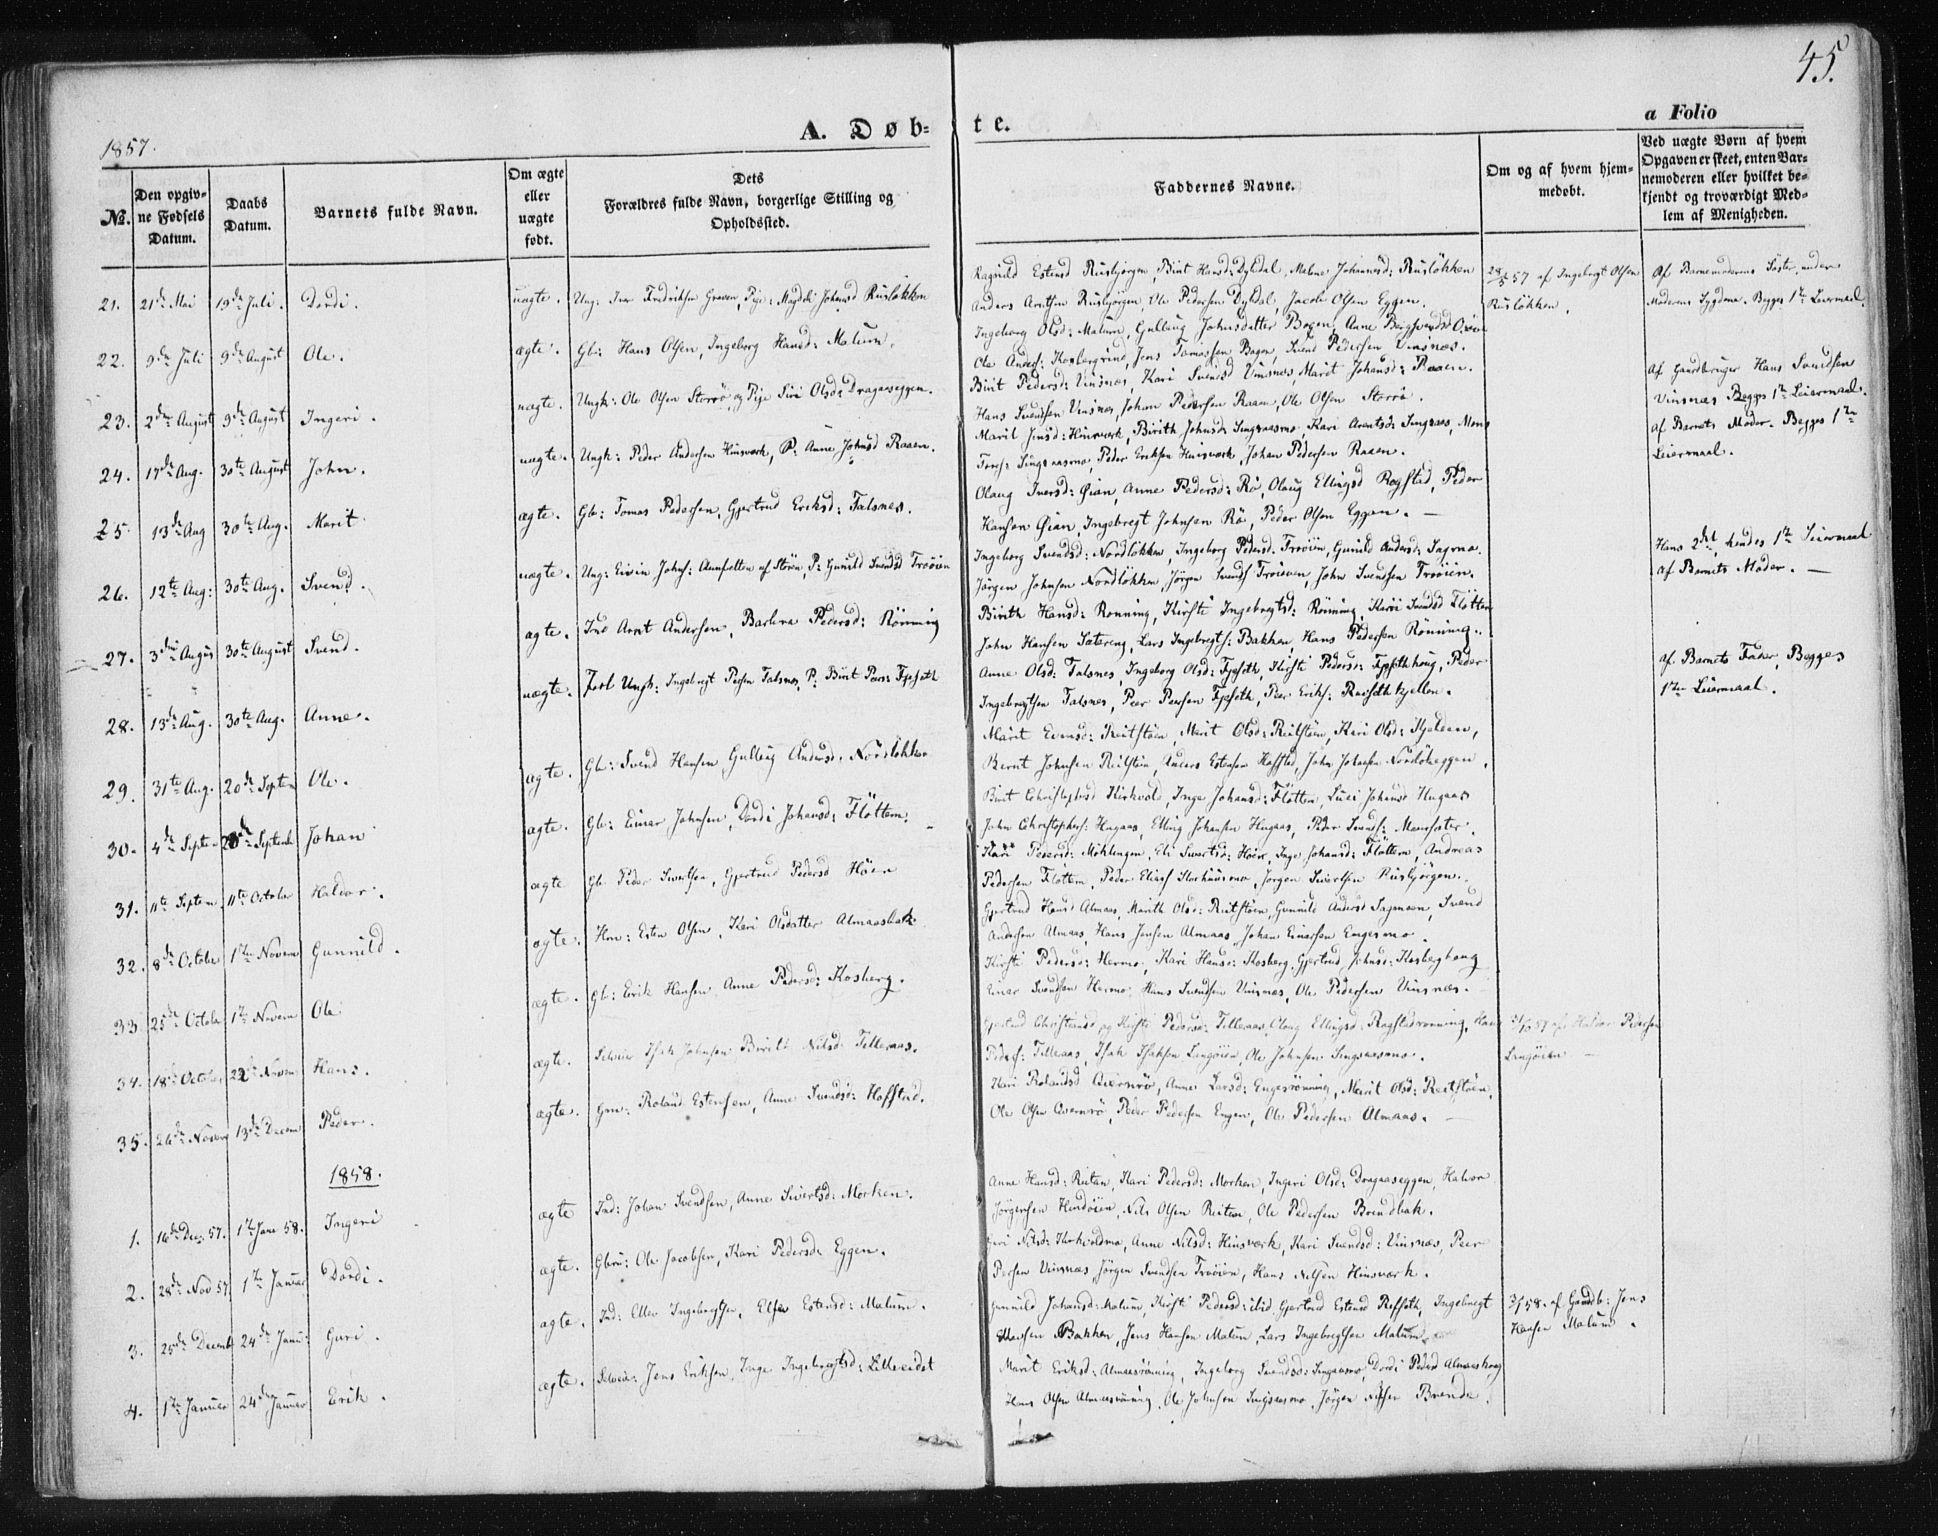 SAT, Ministerialprotokoller, klokkerbøker og fødselsregistre - Sør-Trøndelag, 685/L0964: Ministerialbok nr. 685A06 /2, 1846-1859, s. 45